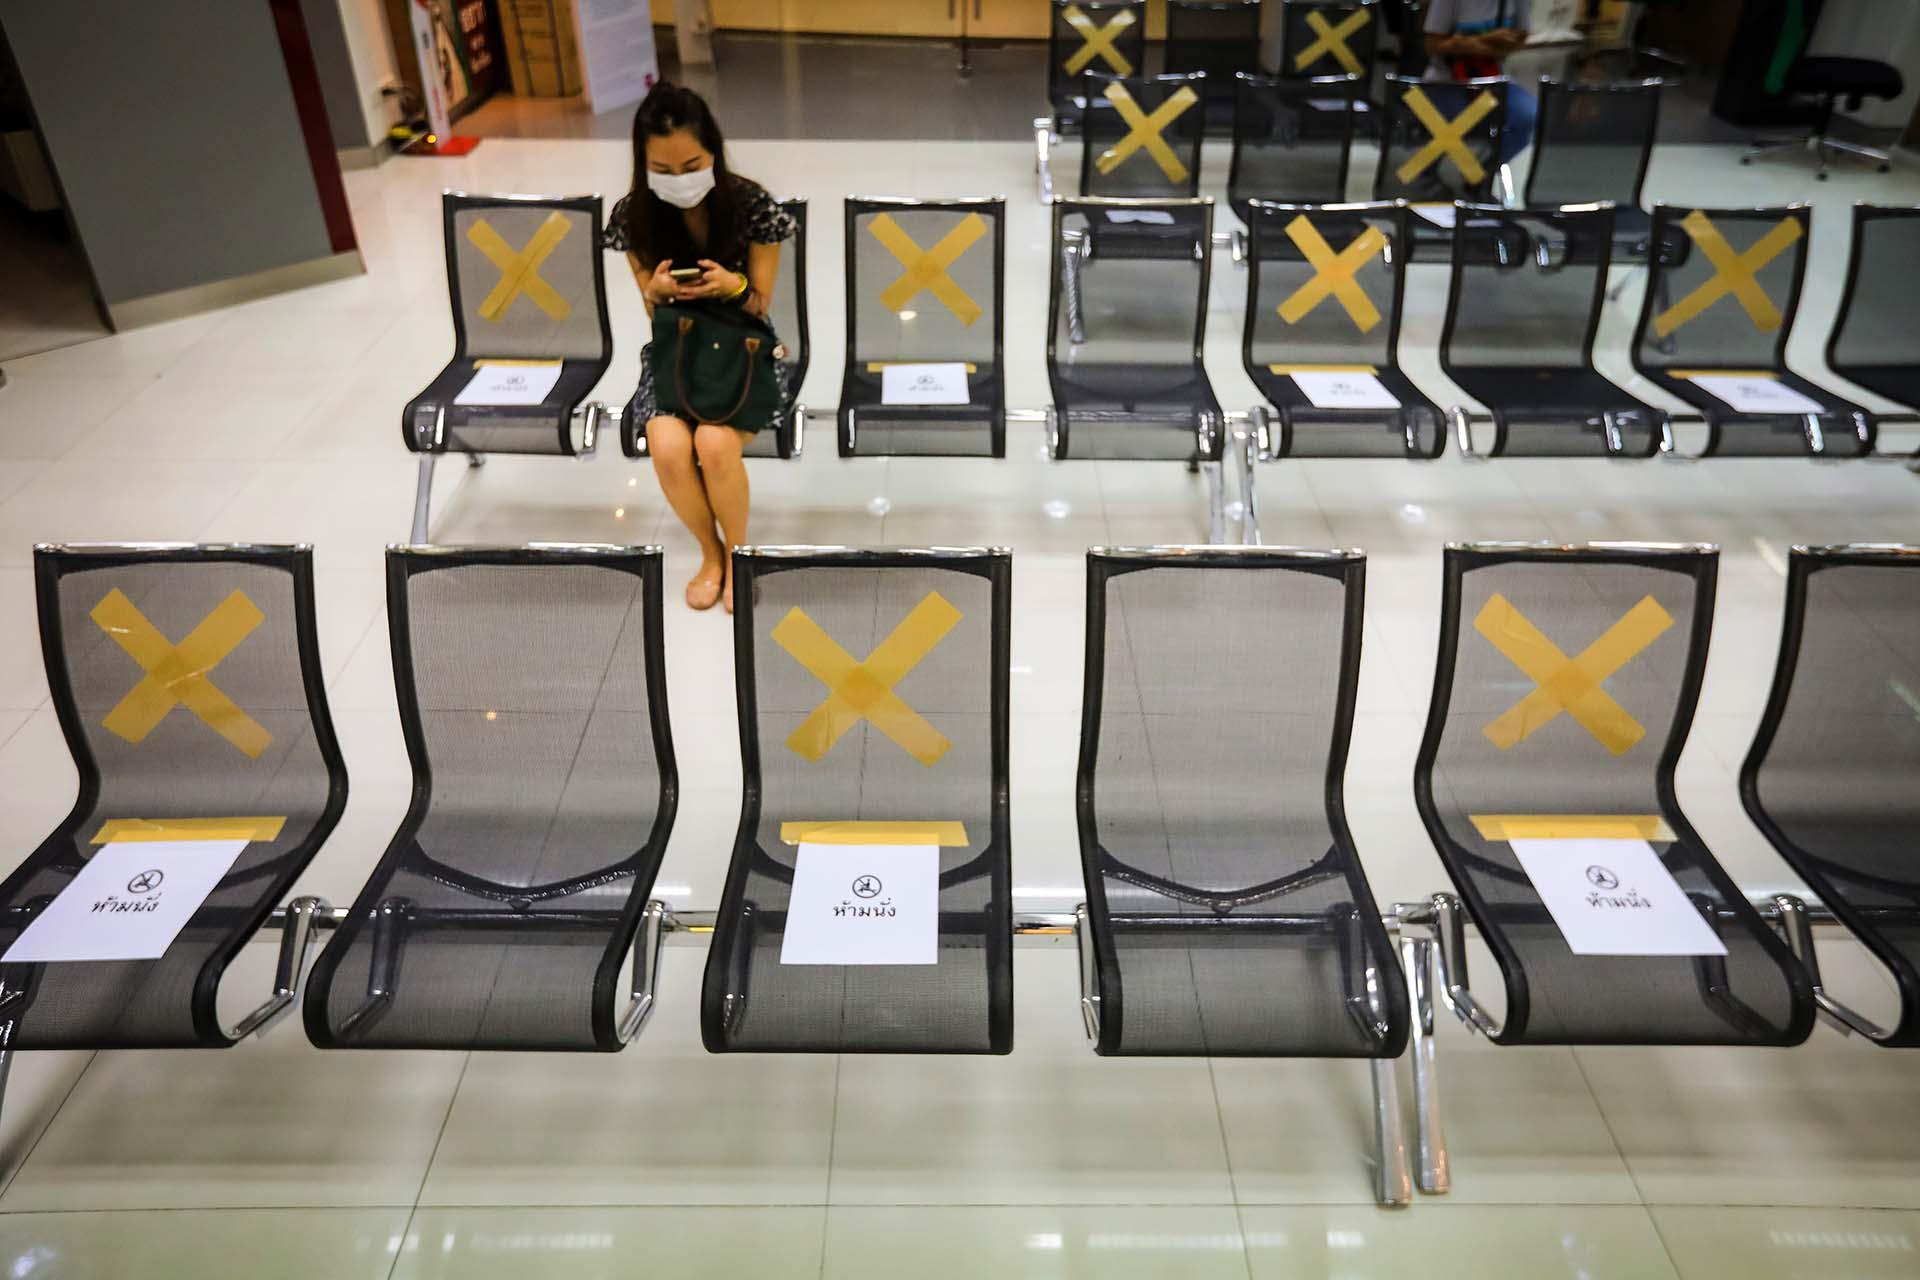 Una sucursal bancaria de Bangkok muestra en qué sillas sentarse y en cuáles no.